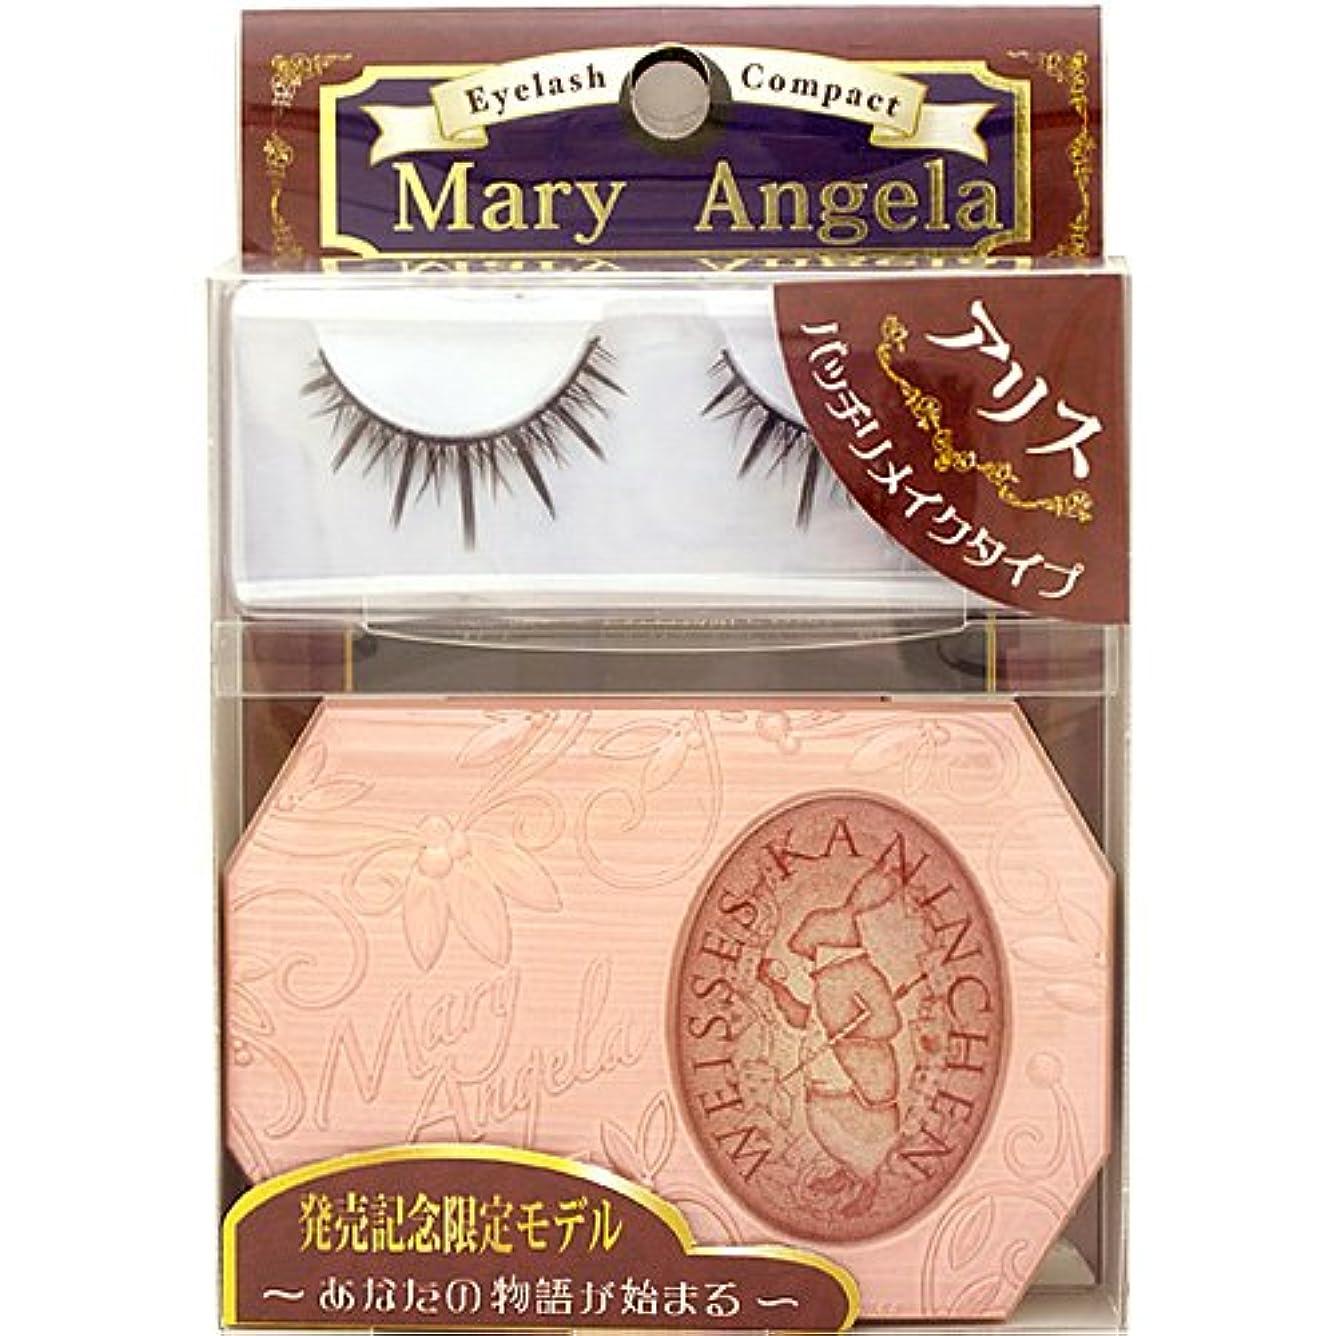 差晴れチャールズキージングMILCA ミルカ MaryAngela マリーアンジェラ つけまつげ&つけまつげケース アリス